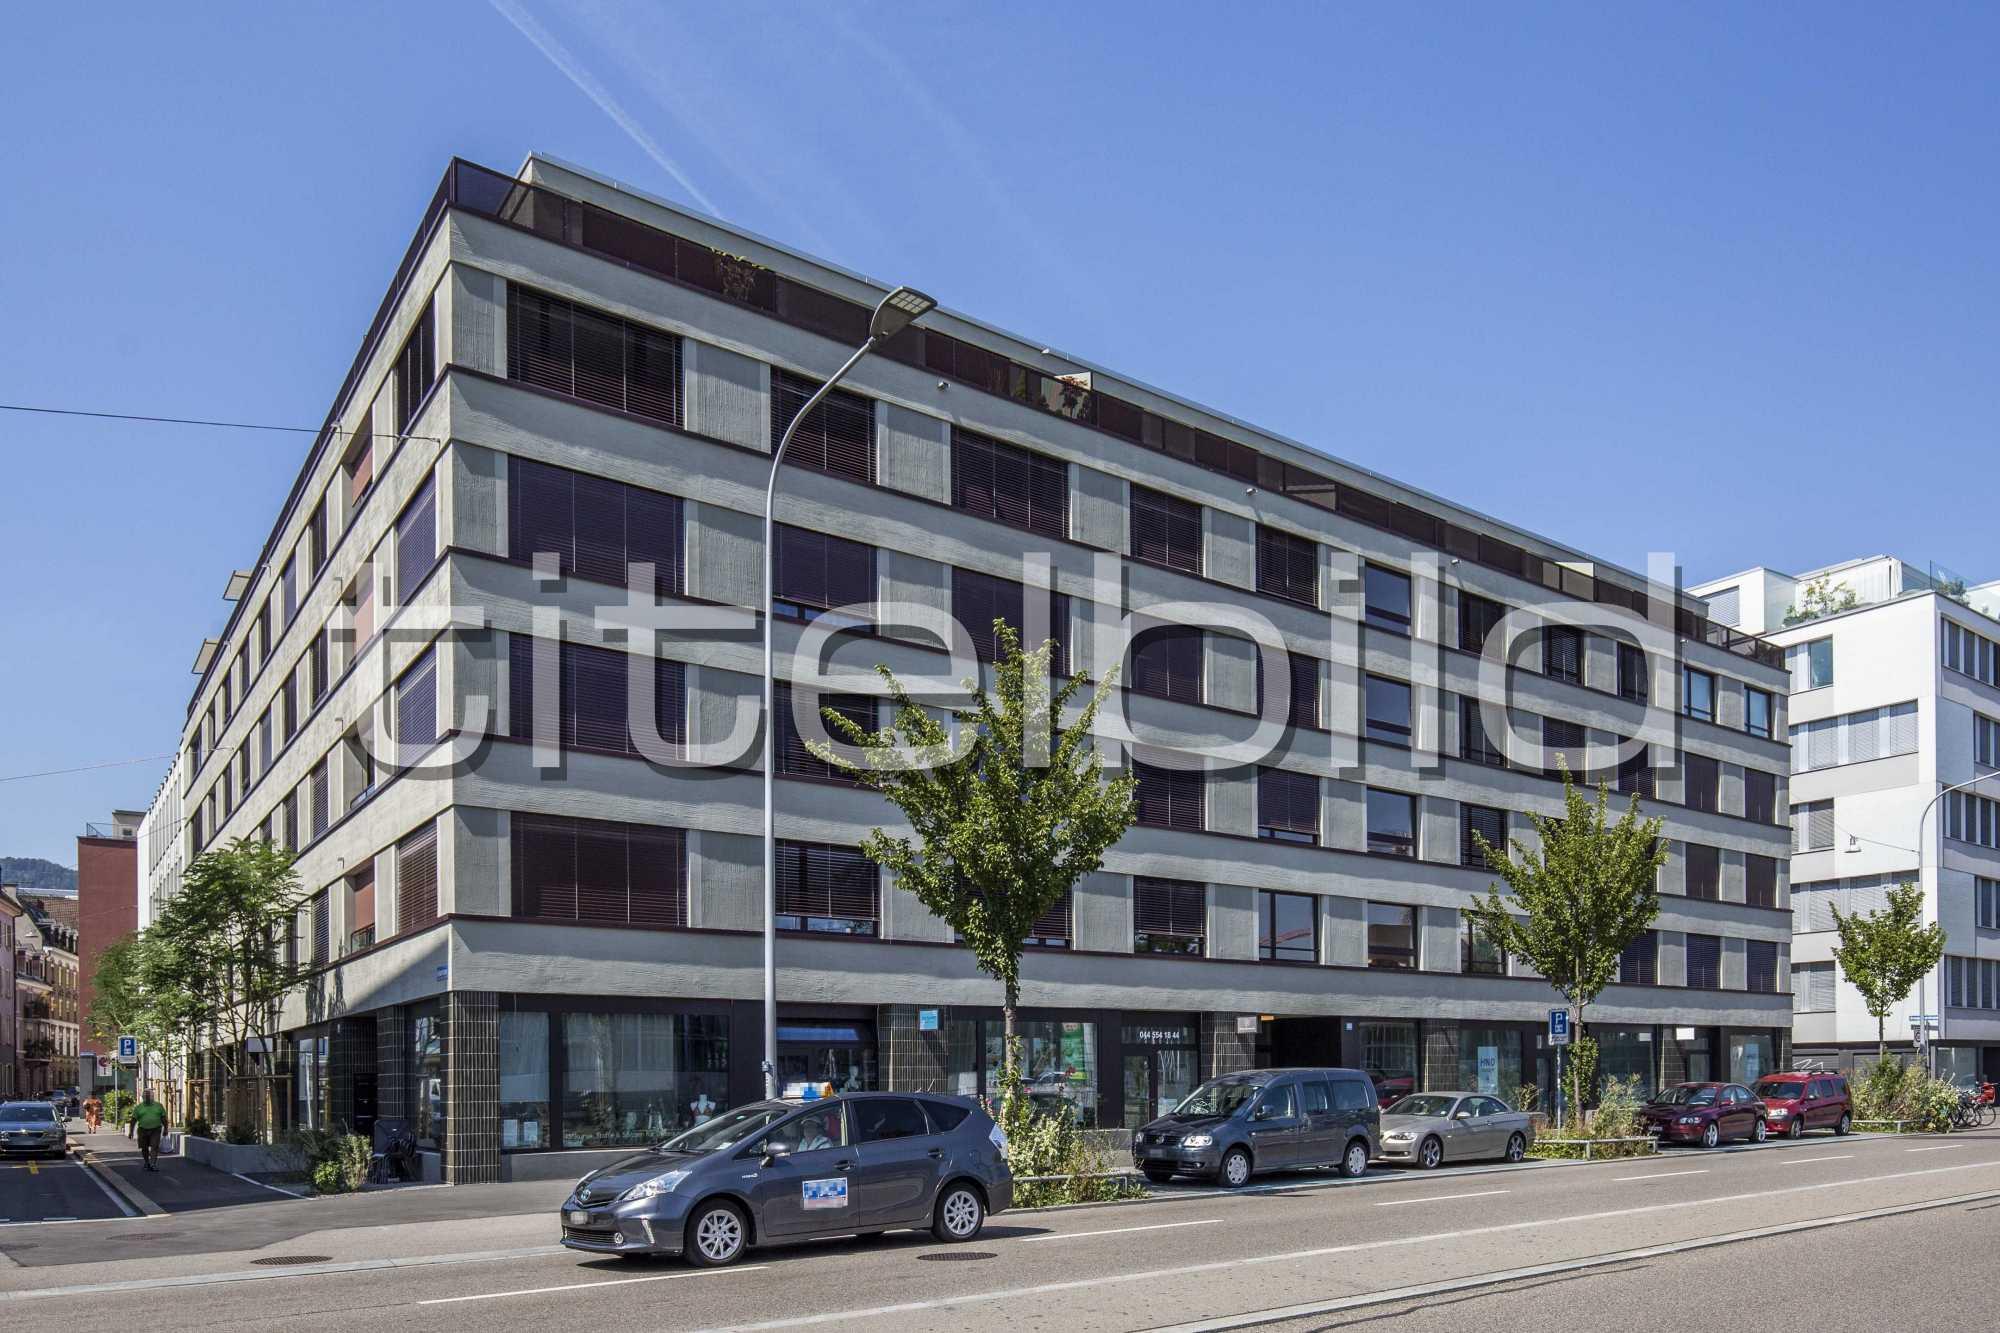 Projektbild-Nr. 0: Ersatzneubau Erikastrasse, Zürich